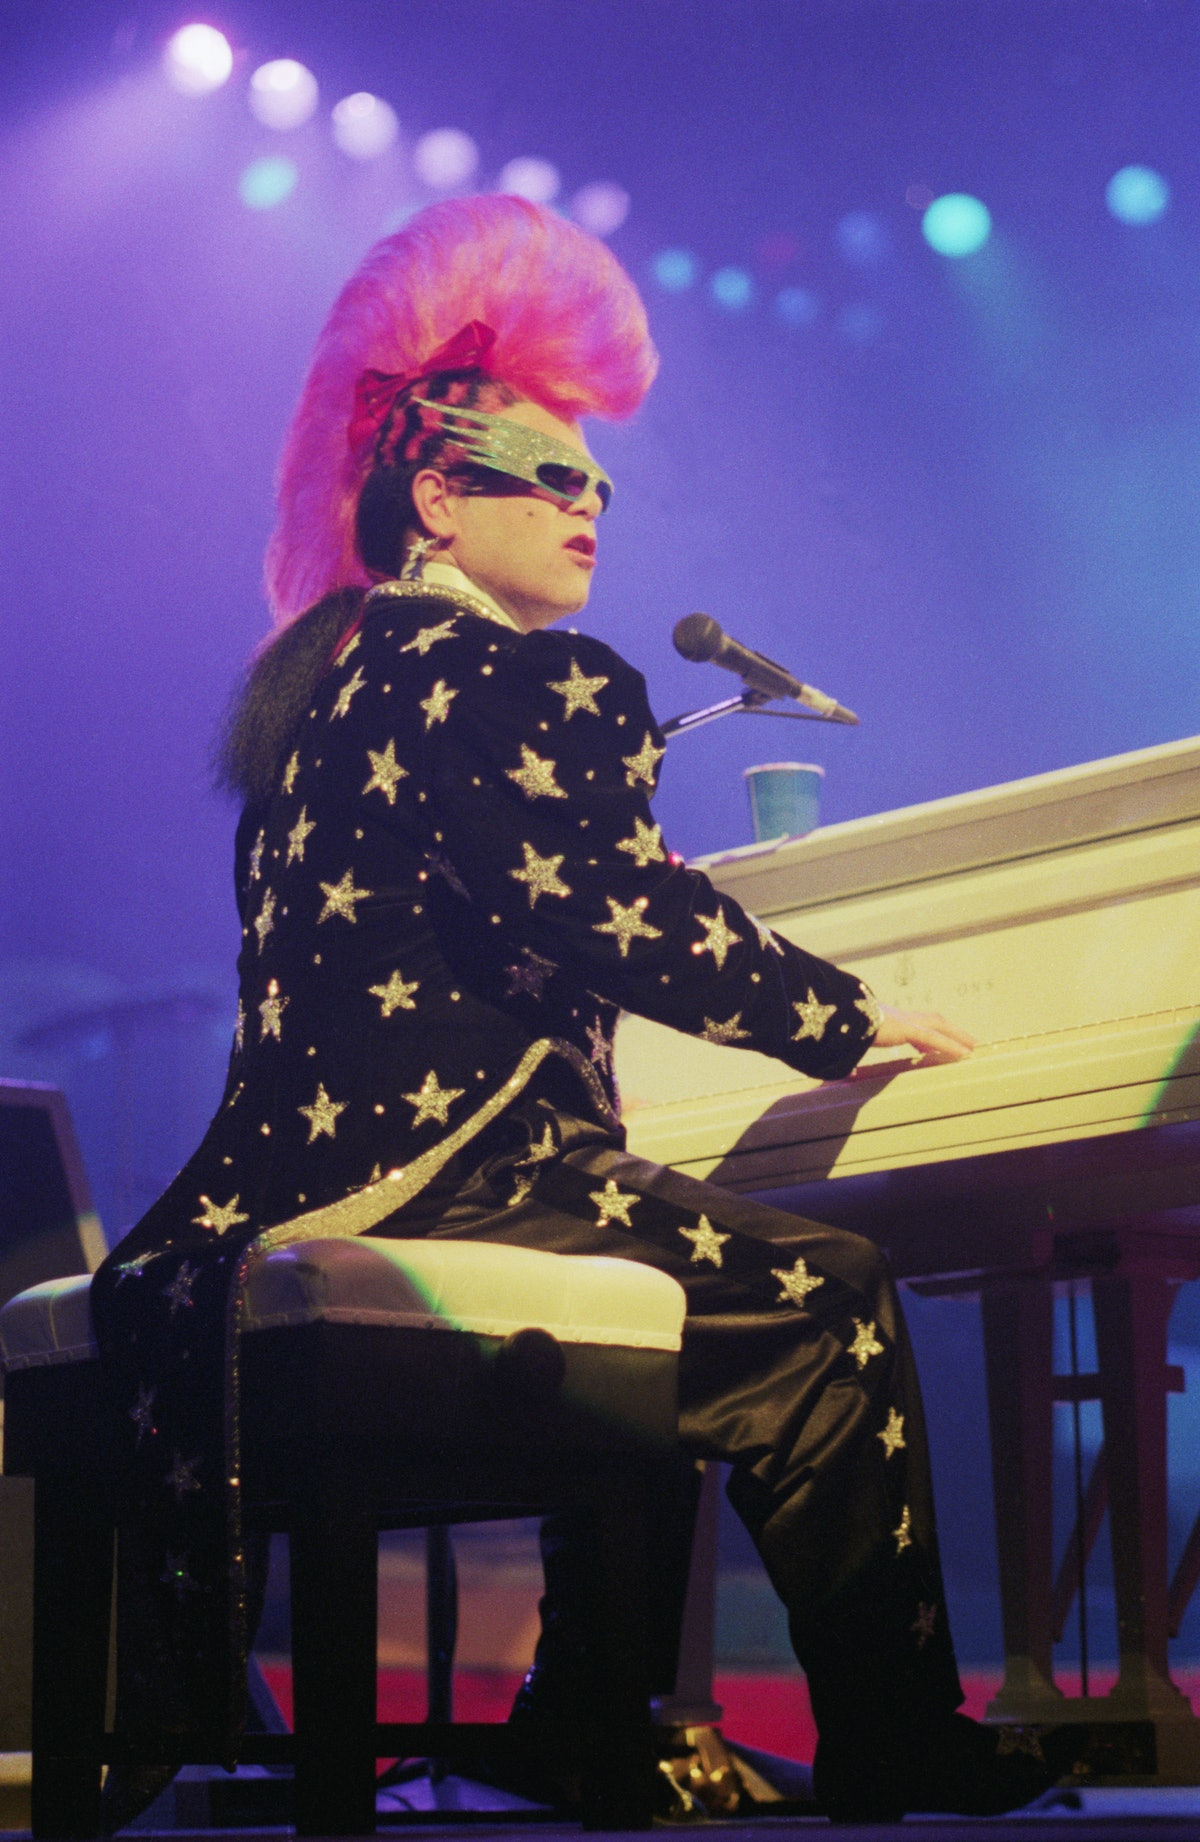 Elton John Performs with Mohawk Hairdo